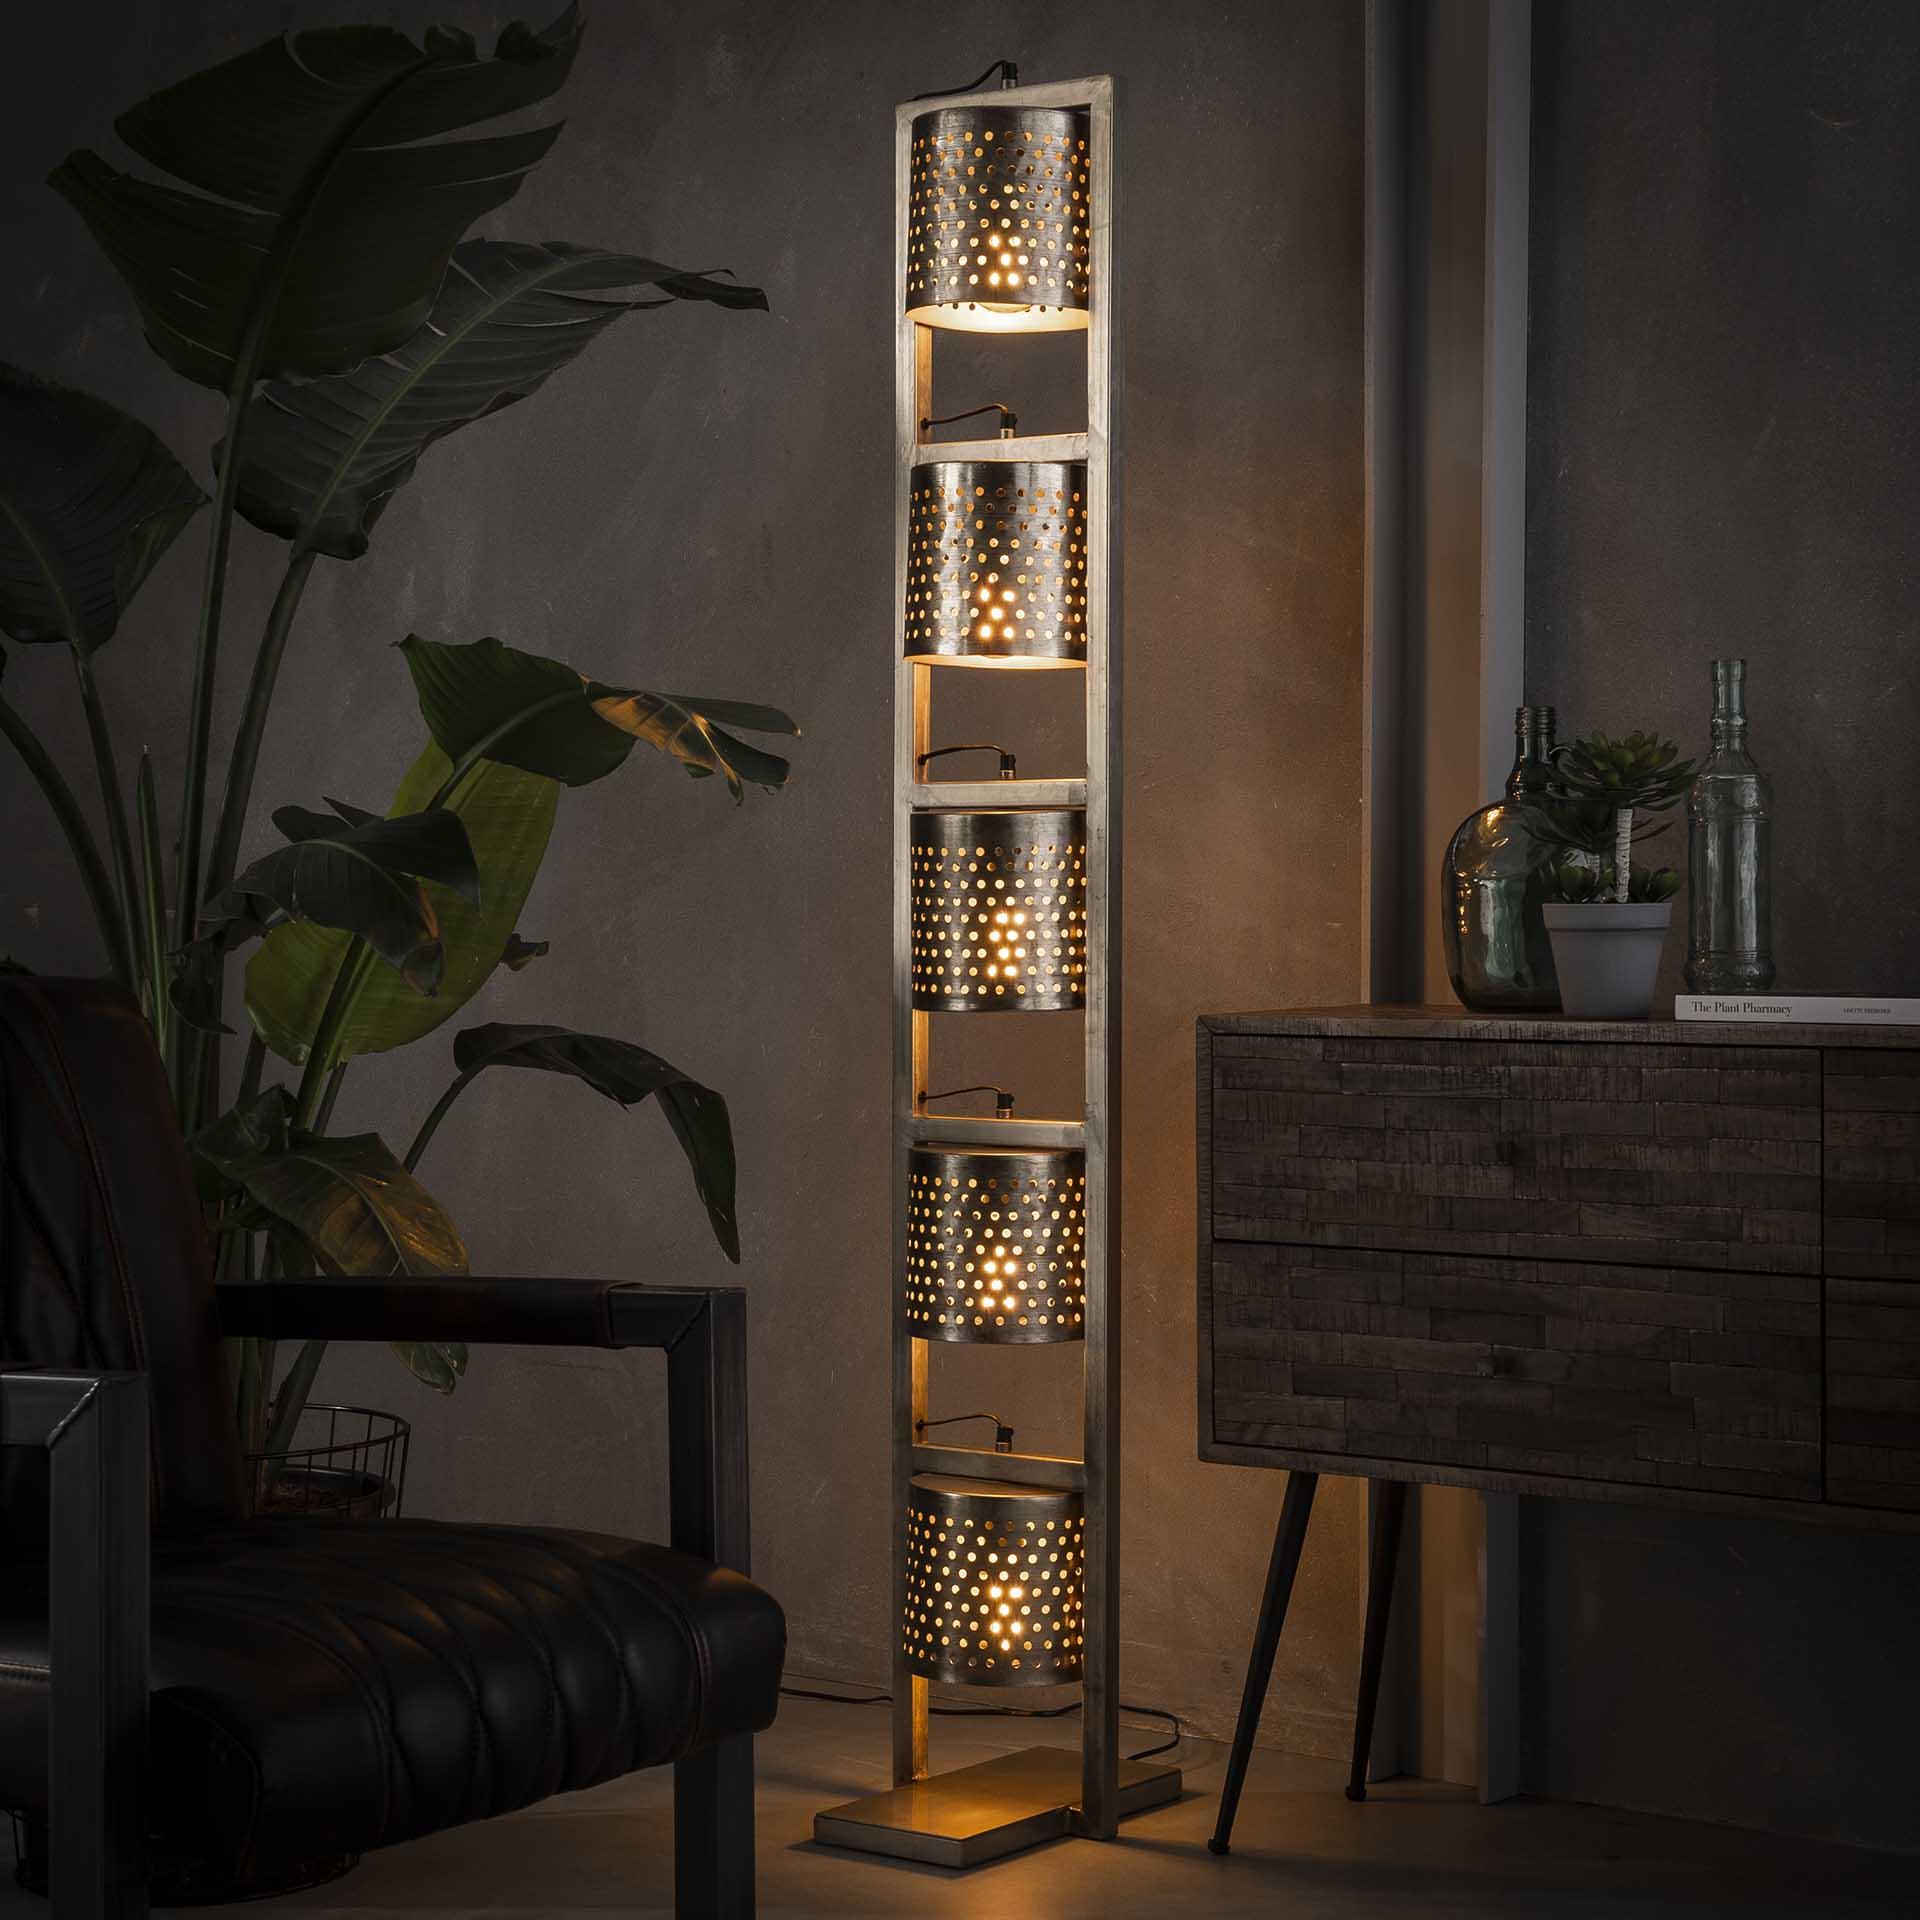 Vloerlamp 5x Ø18 geperforeerd - Antiek Nikkel